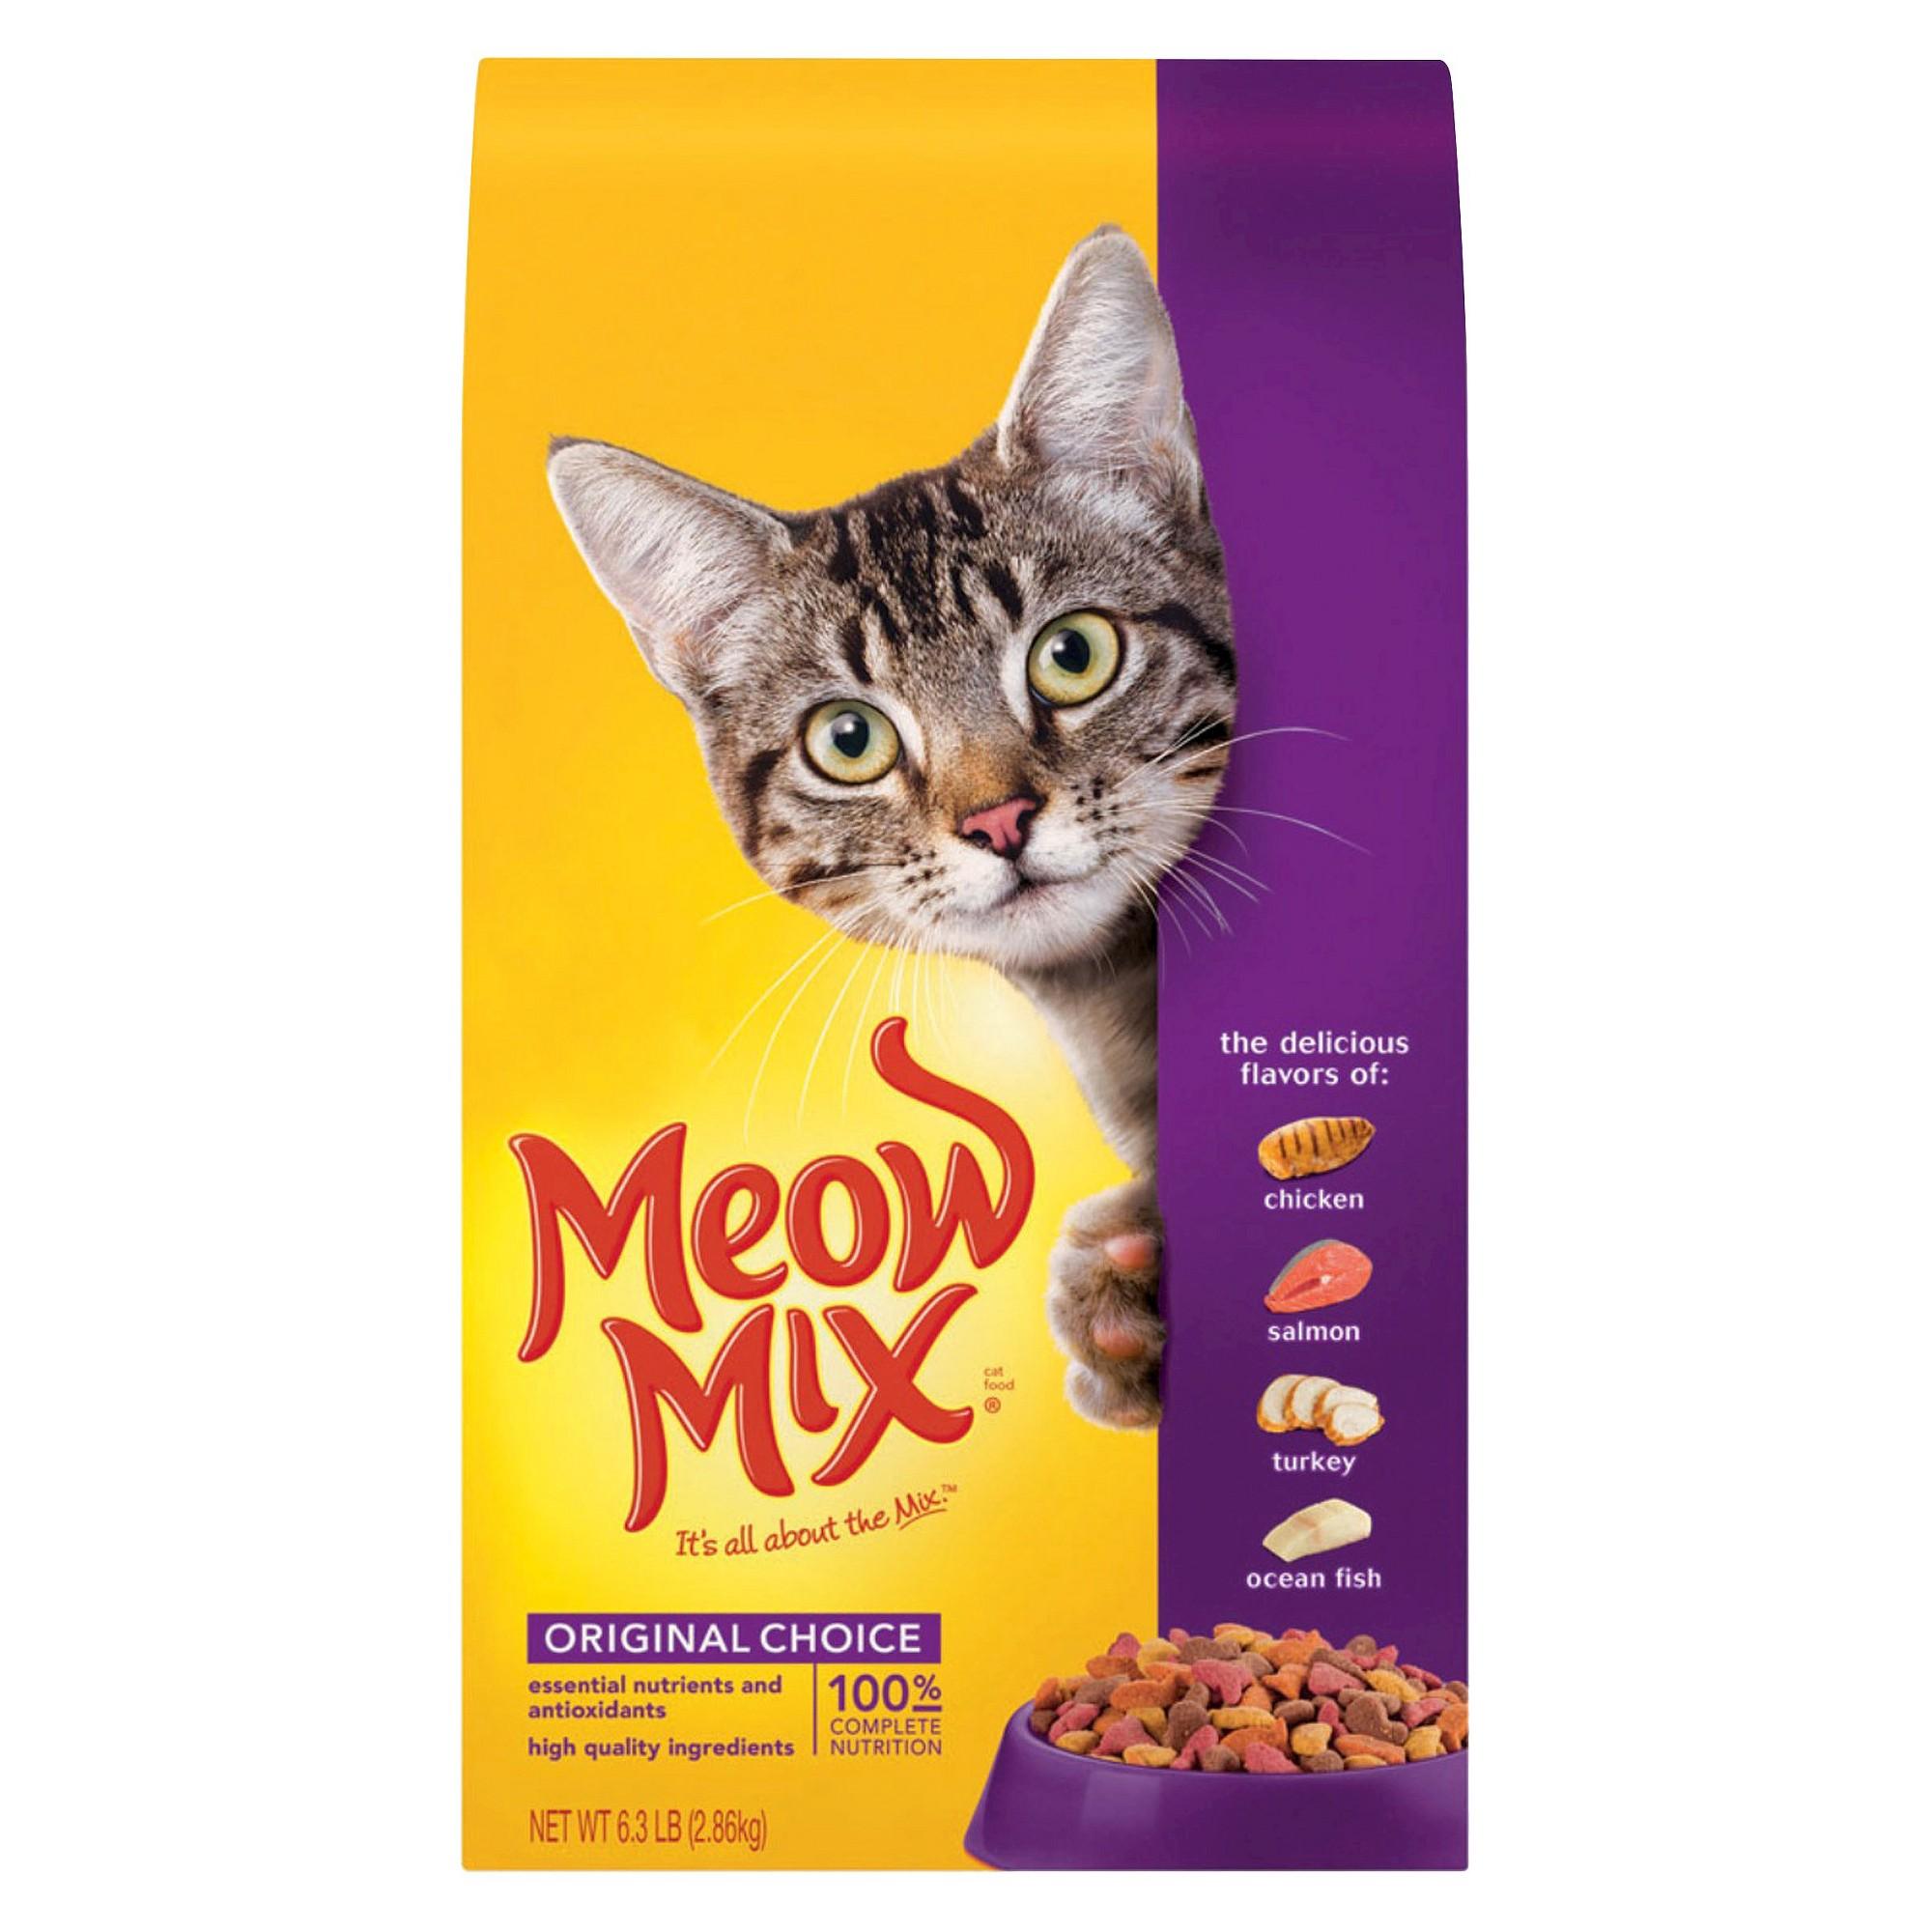 Meow Mix Original Choice Dry Cat Food 6 3lbs Dry Cat Food Cat